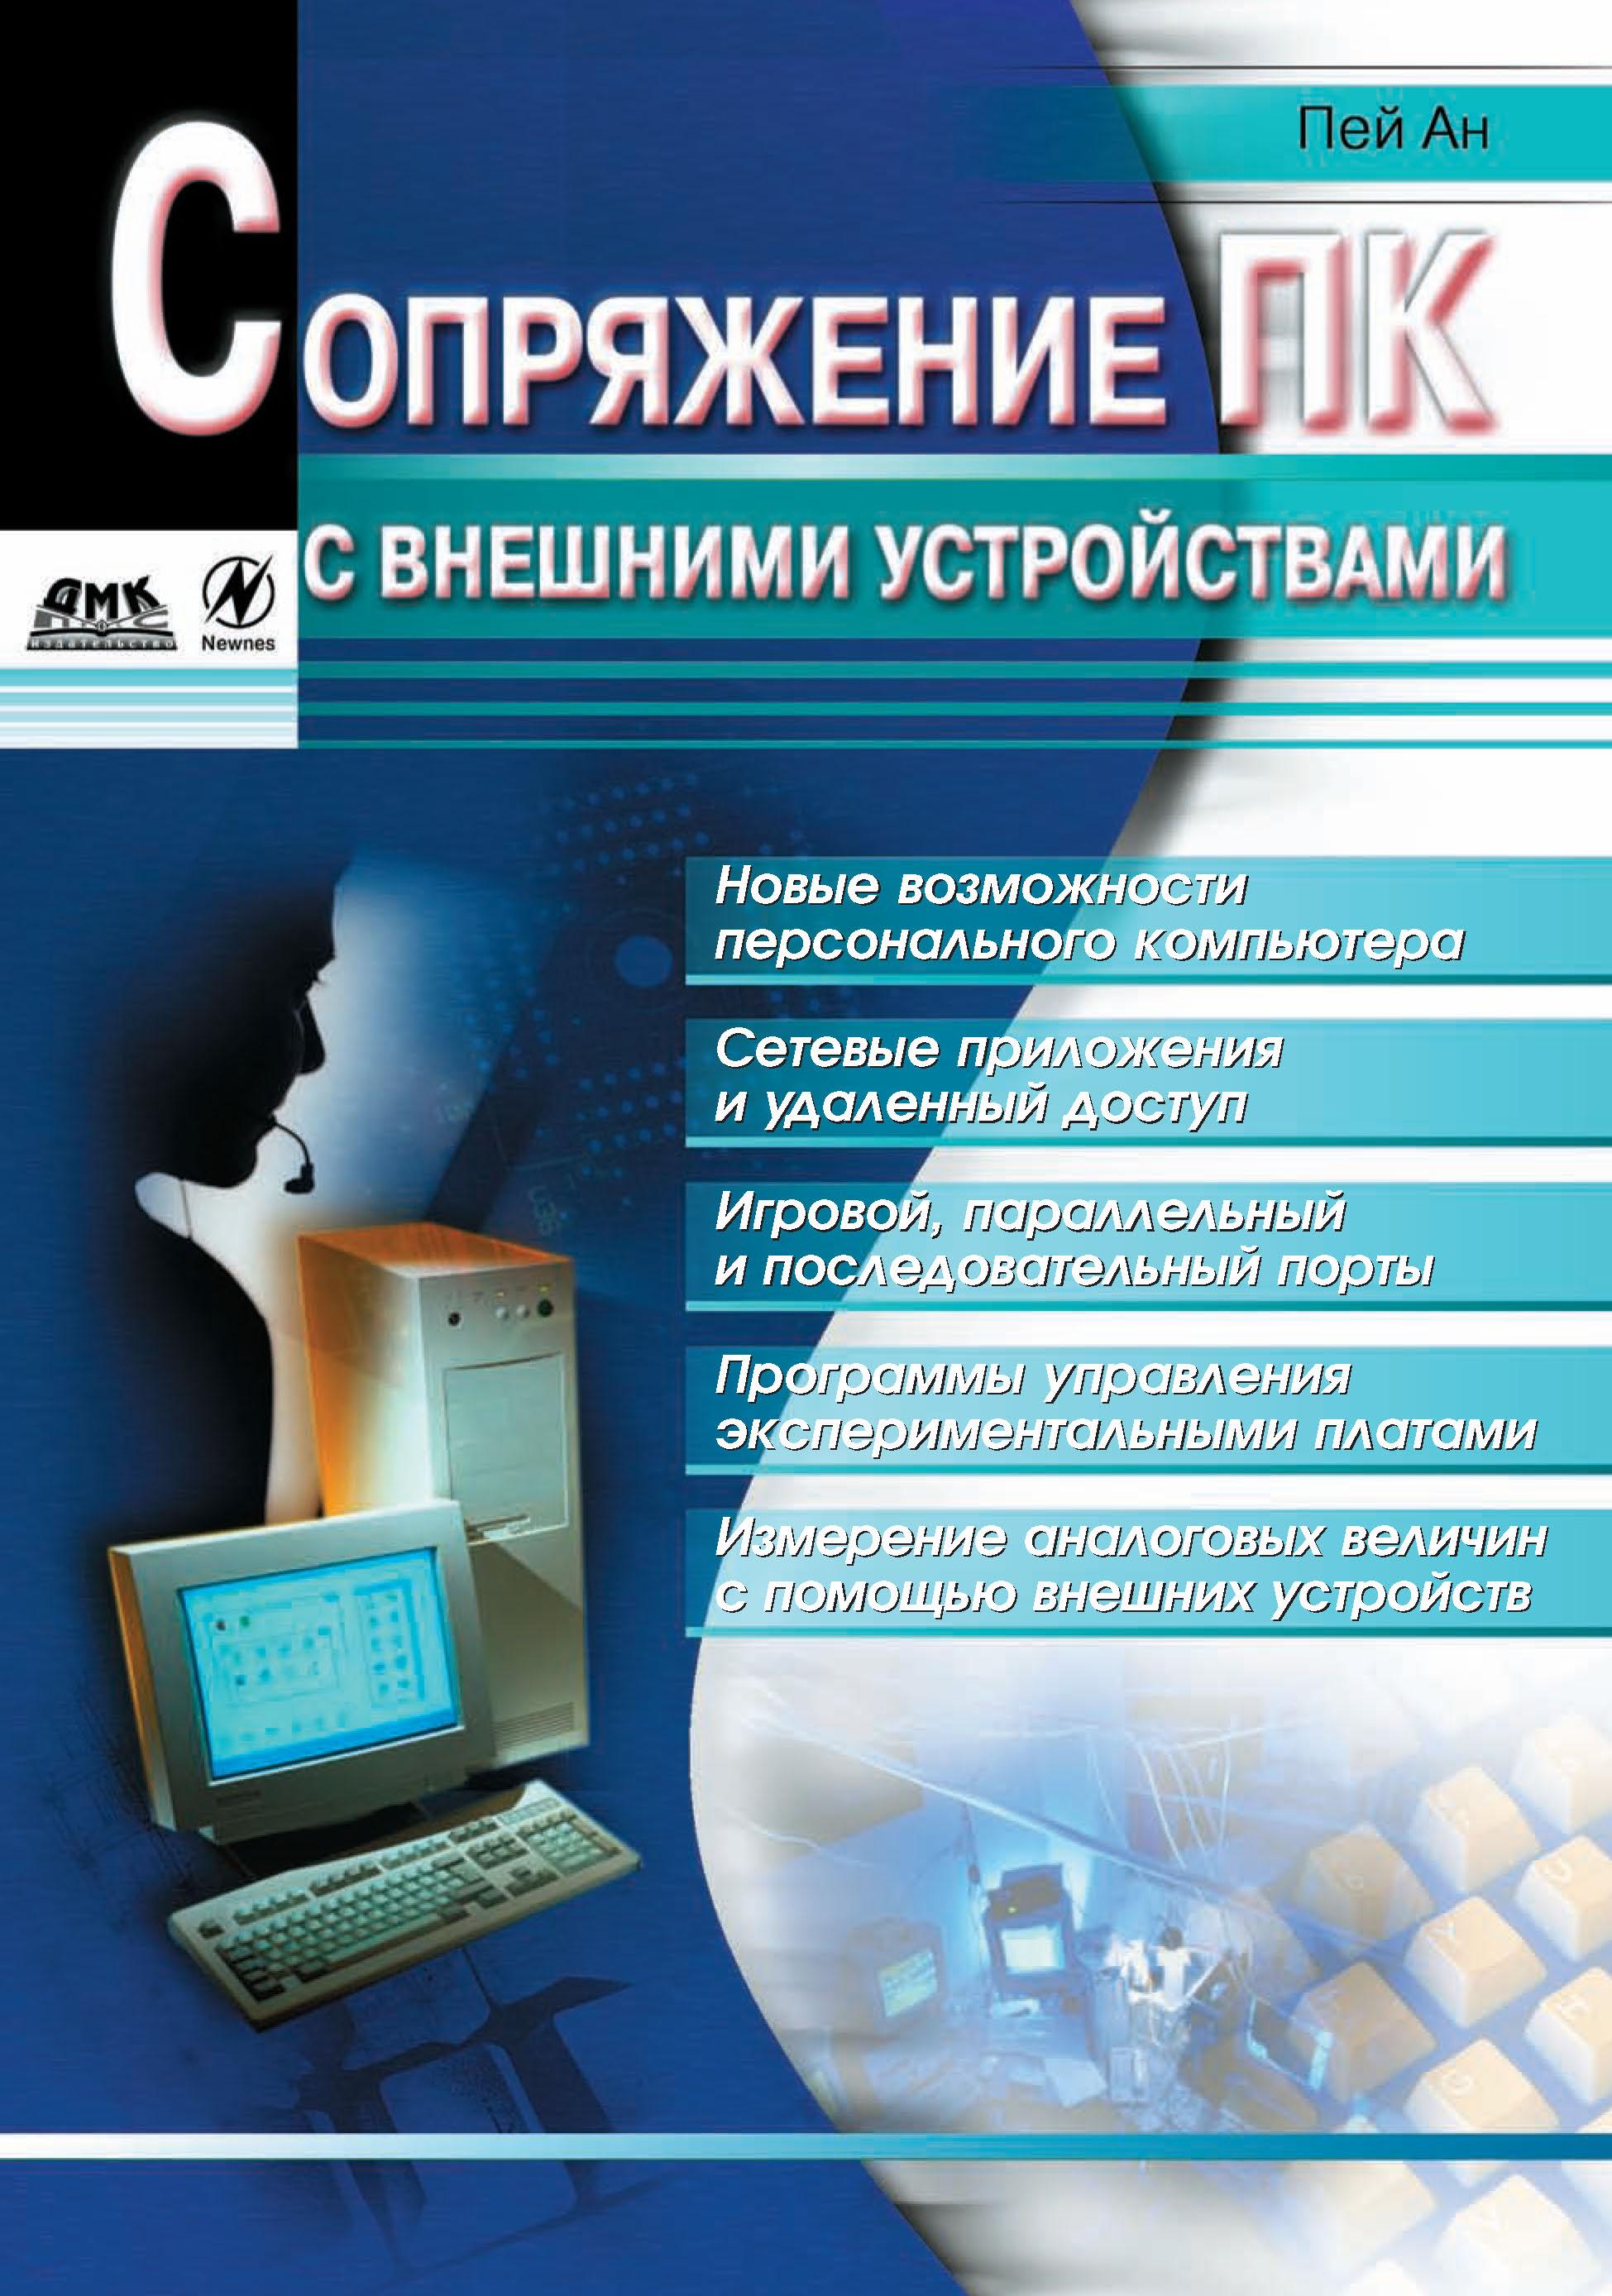 Купить книгу Сопряжение ПК с внешними устройствами, автора Пея Ана